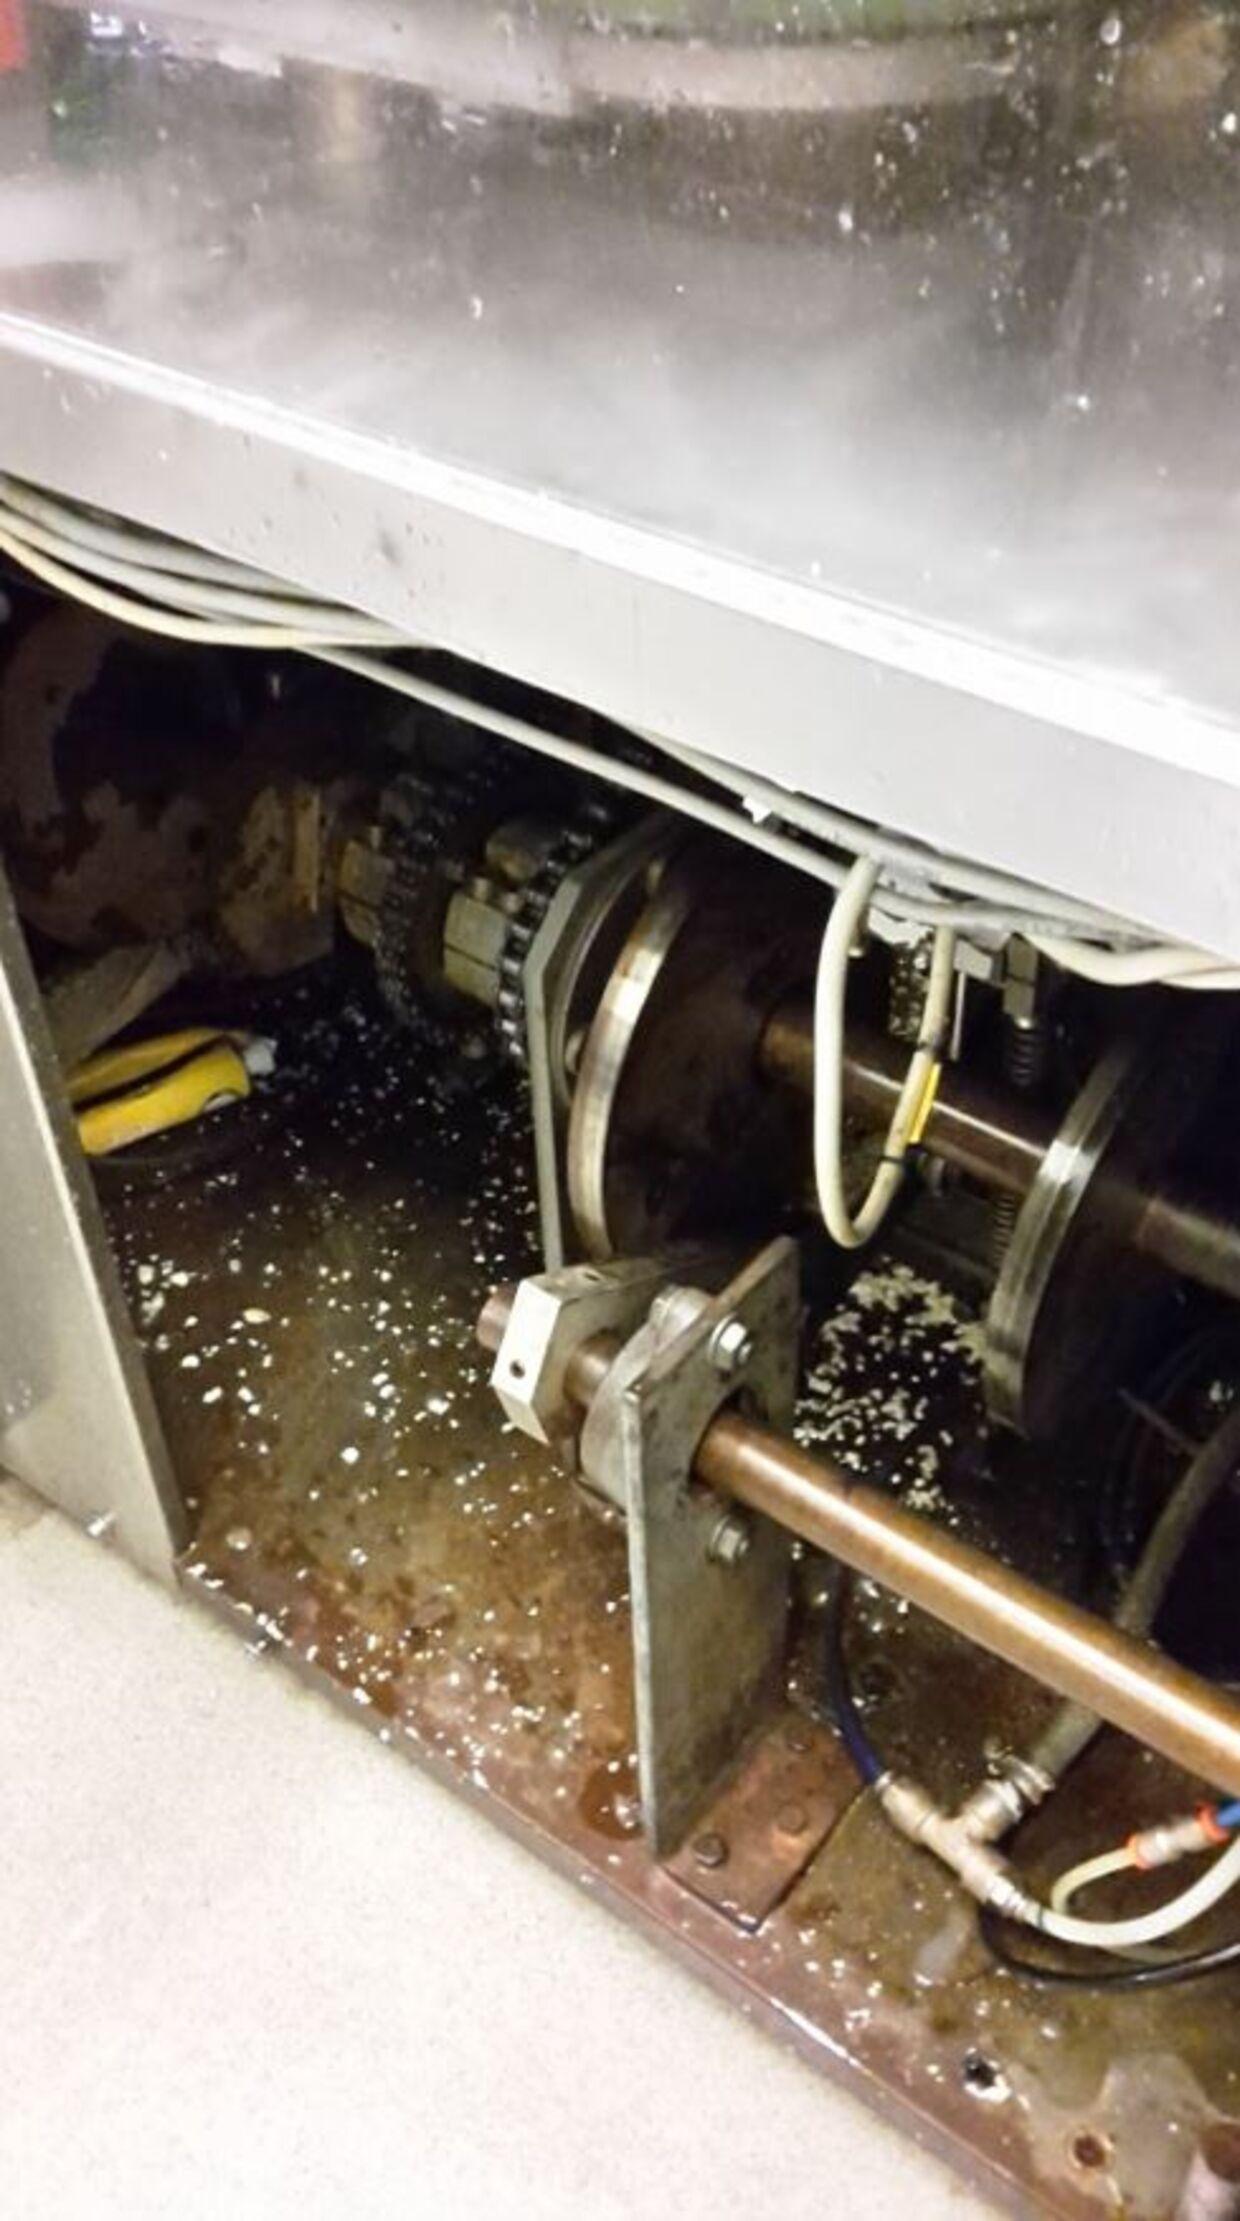 Som Fødevarestyrelsen her dokumenterer, ligger der gamle tuber inde i tappemaskinen. (Foto: Fødevarestyrelsen)